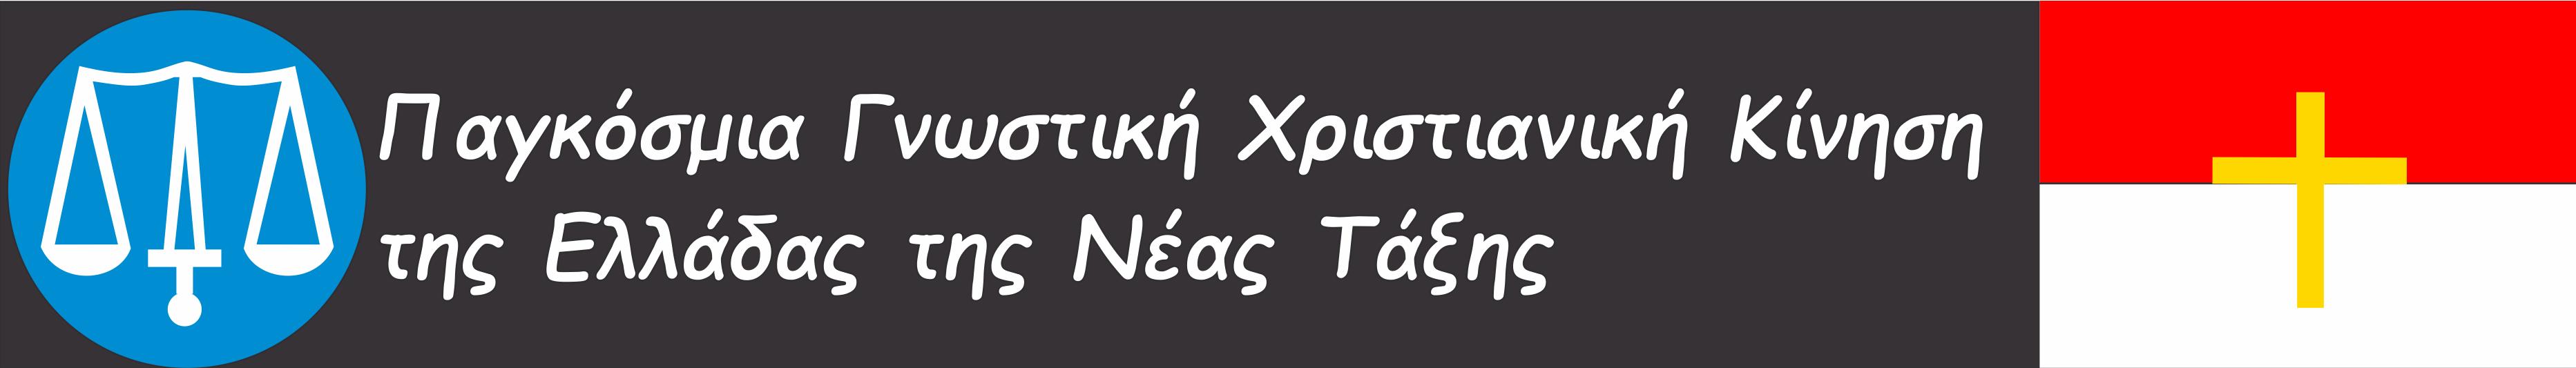 MGCU-GREECE